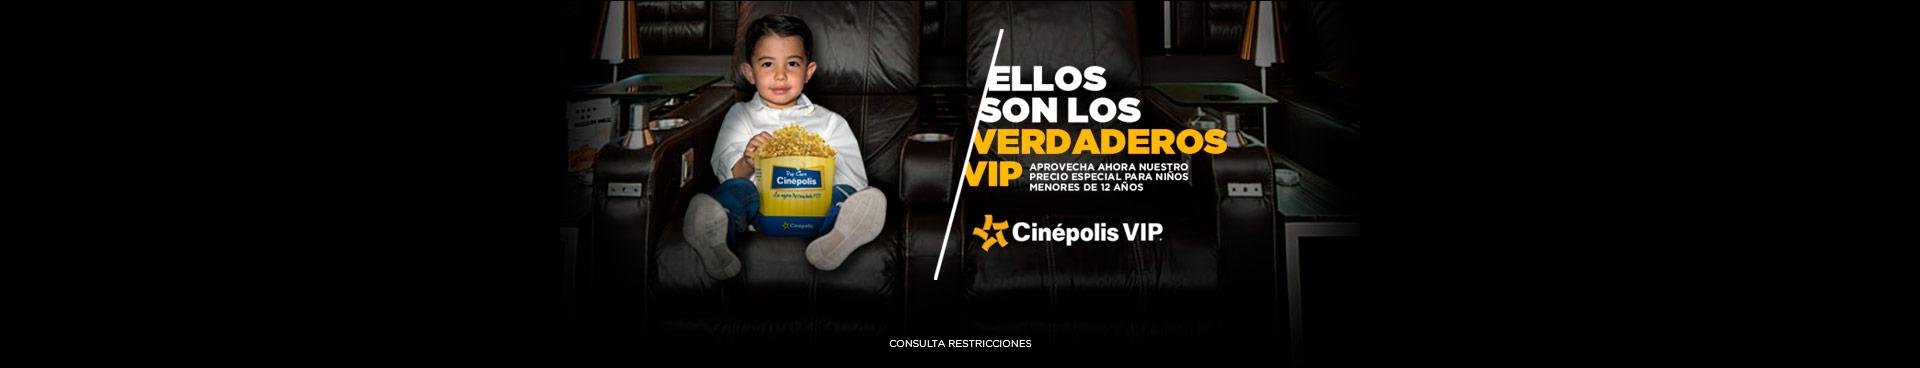 Promo VIP